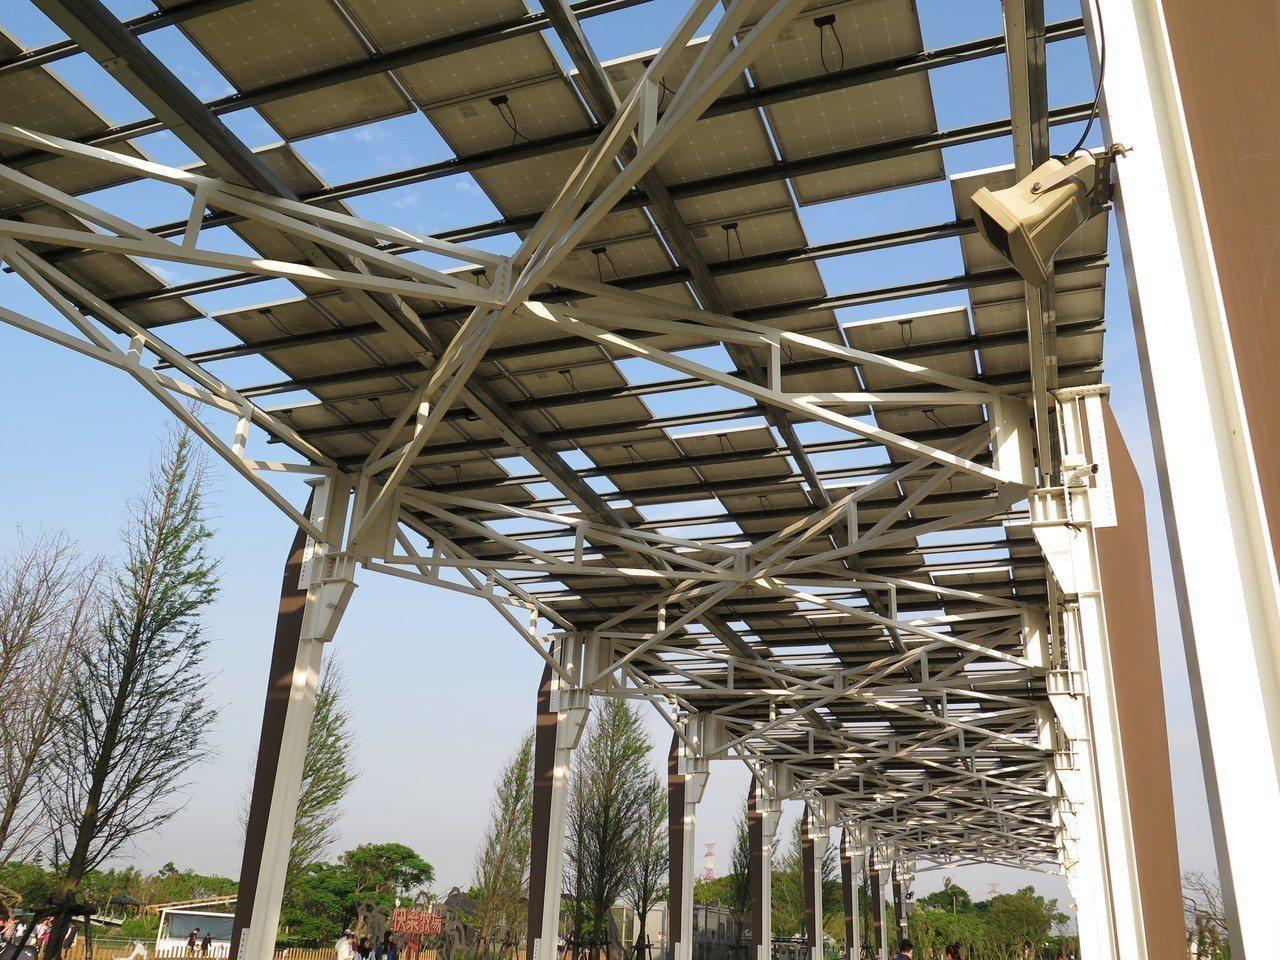 桃園農業博覽會園區有多項風力發電與太陽能發電設施,透過儲電系統,園區發電完全自給...